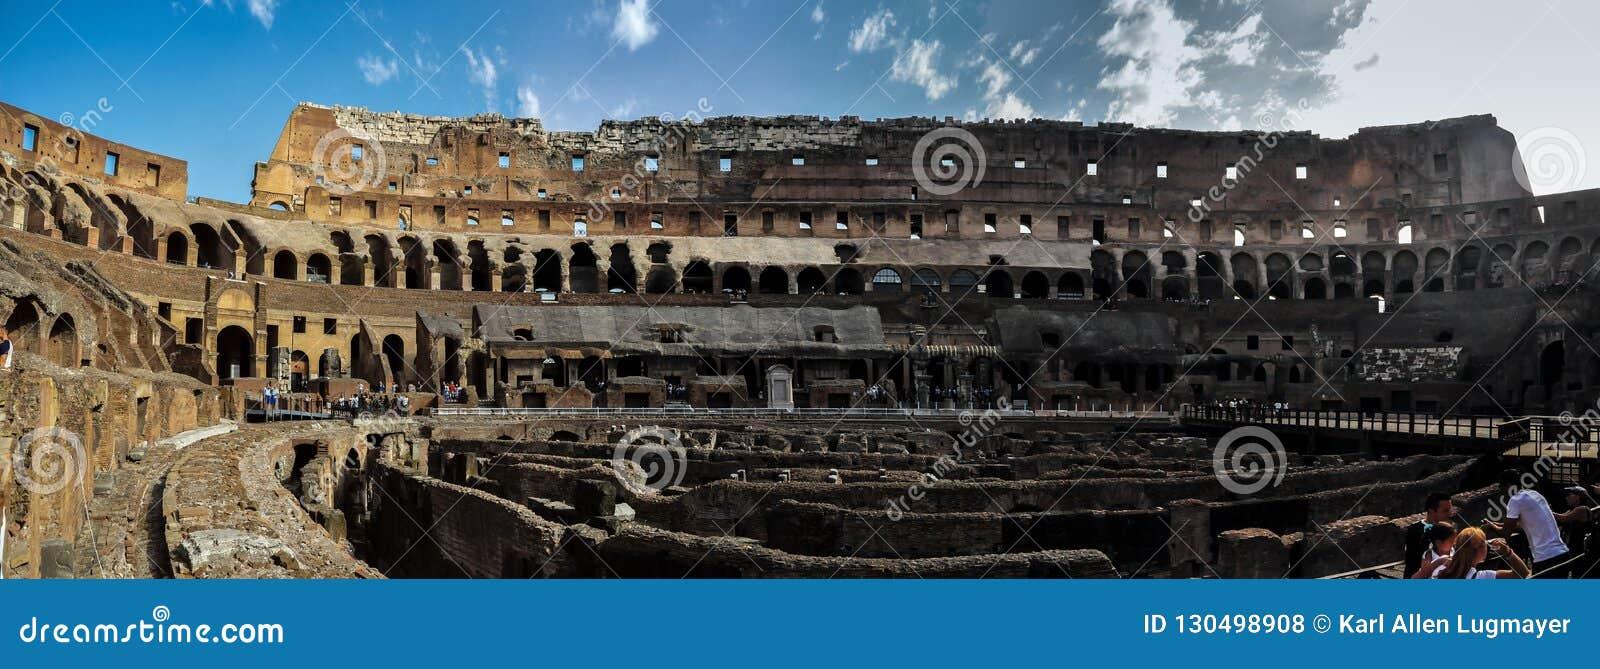 Antyczny rzymski Colosseum szczegół w Rzym, Włochy